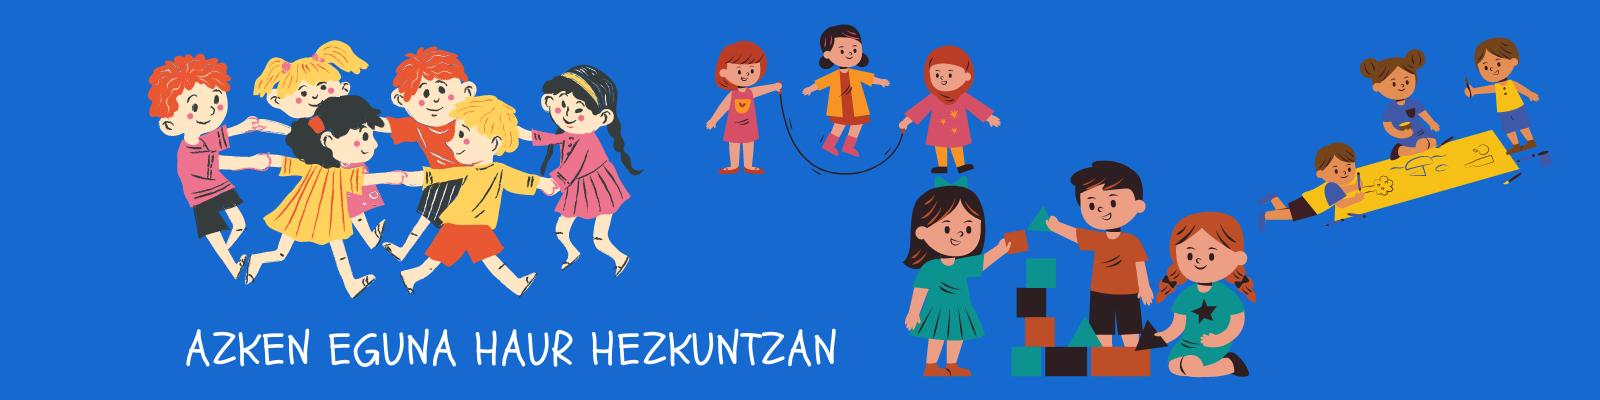 Azken eguna Haur Hezkuntzan